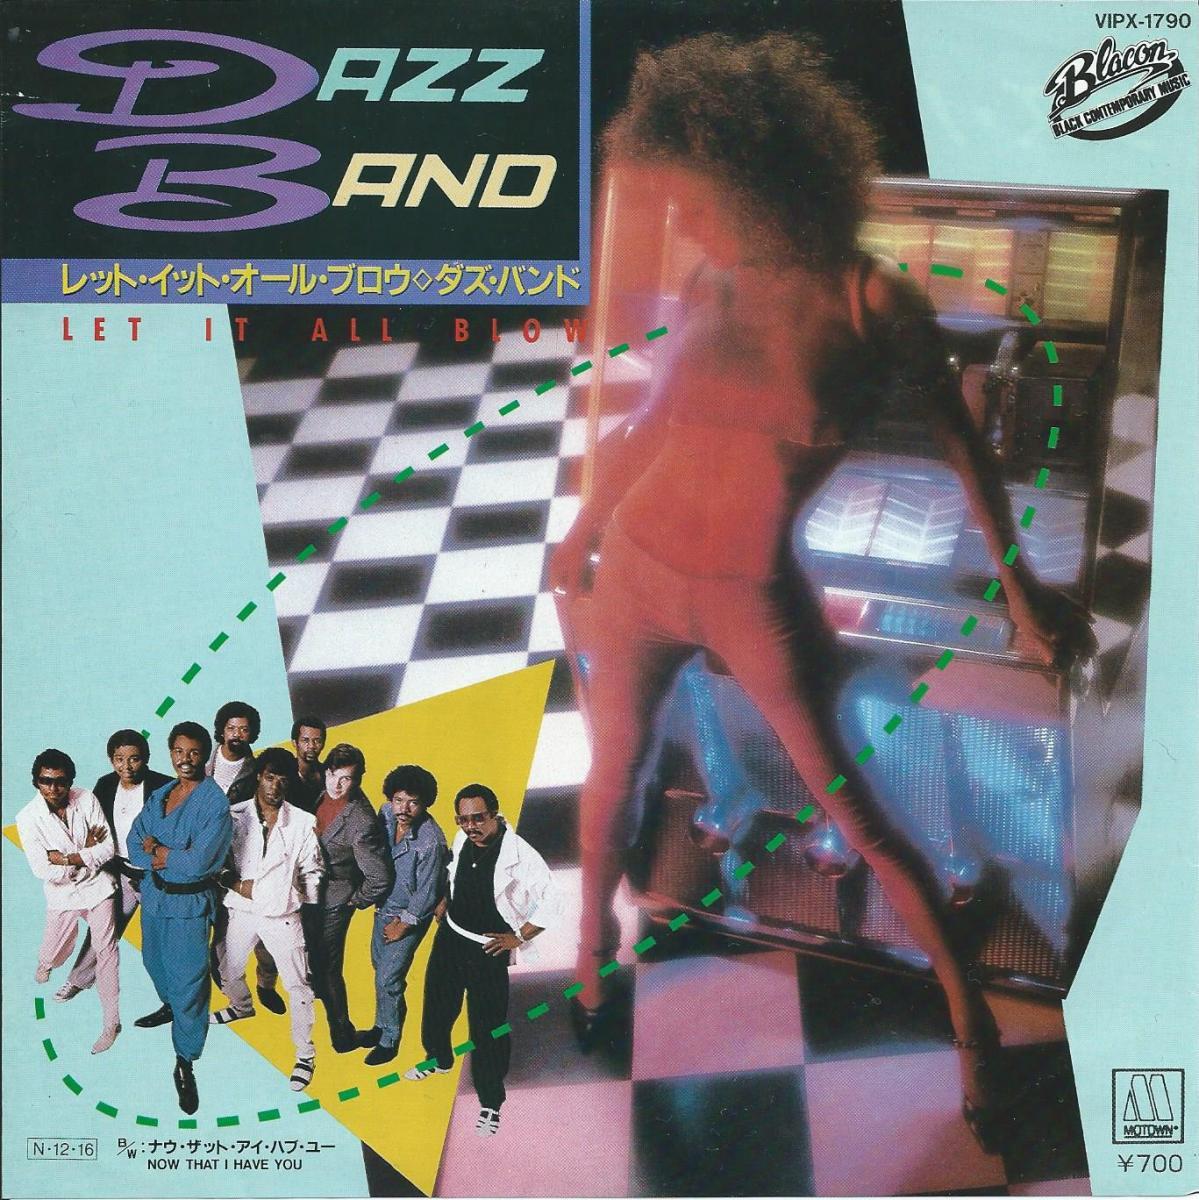 ダズ・バンド DAZZ BAND / レット・イット・オール・ブロウ LET IT ALL BLOW (7